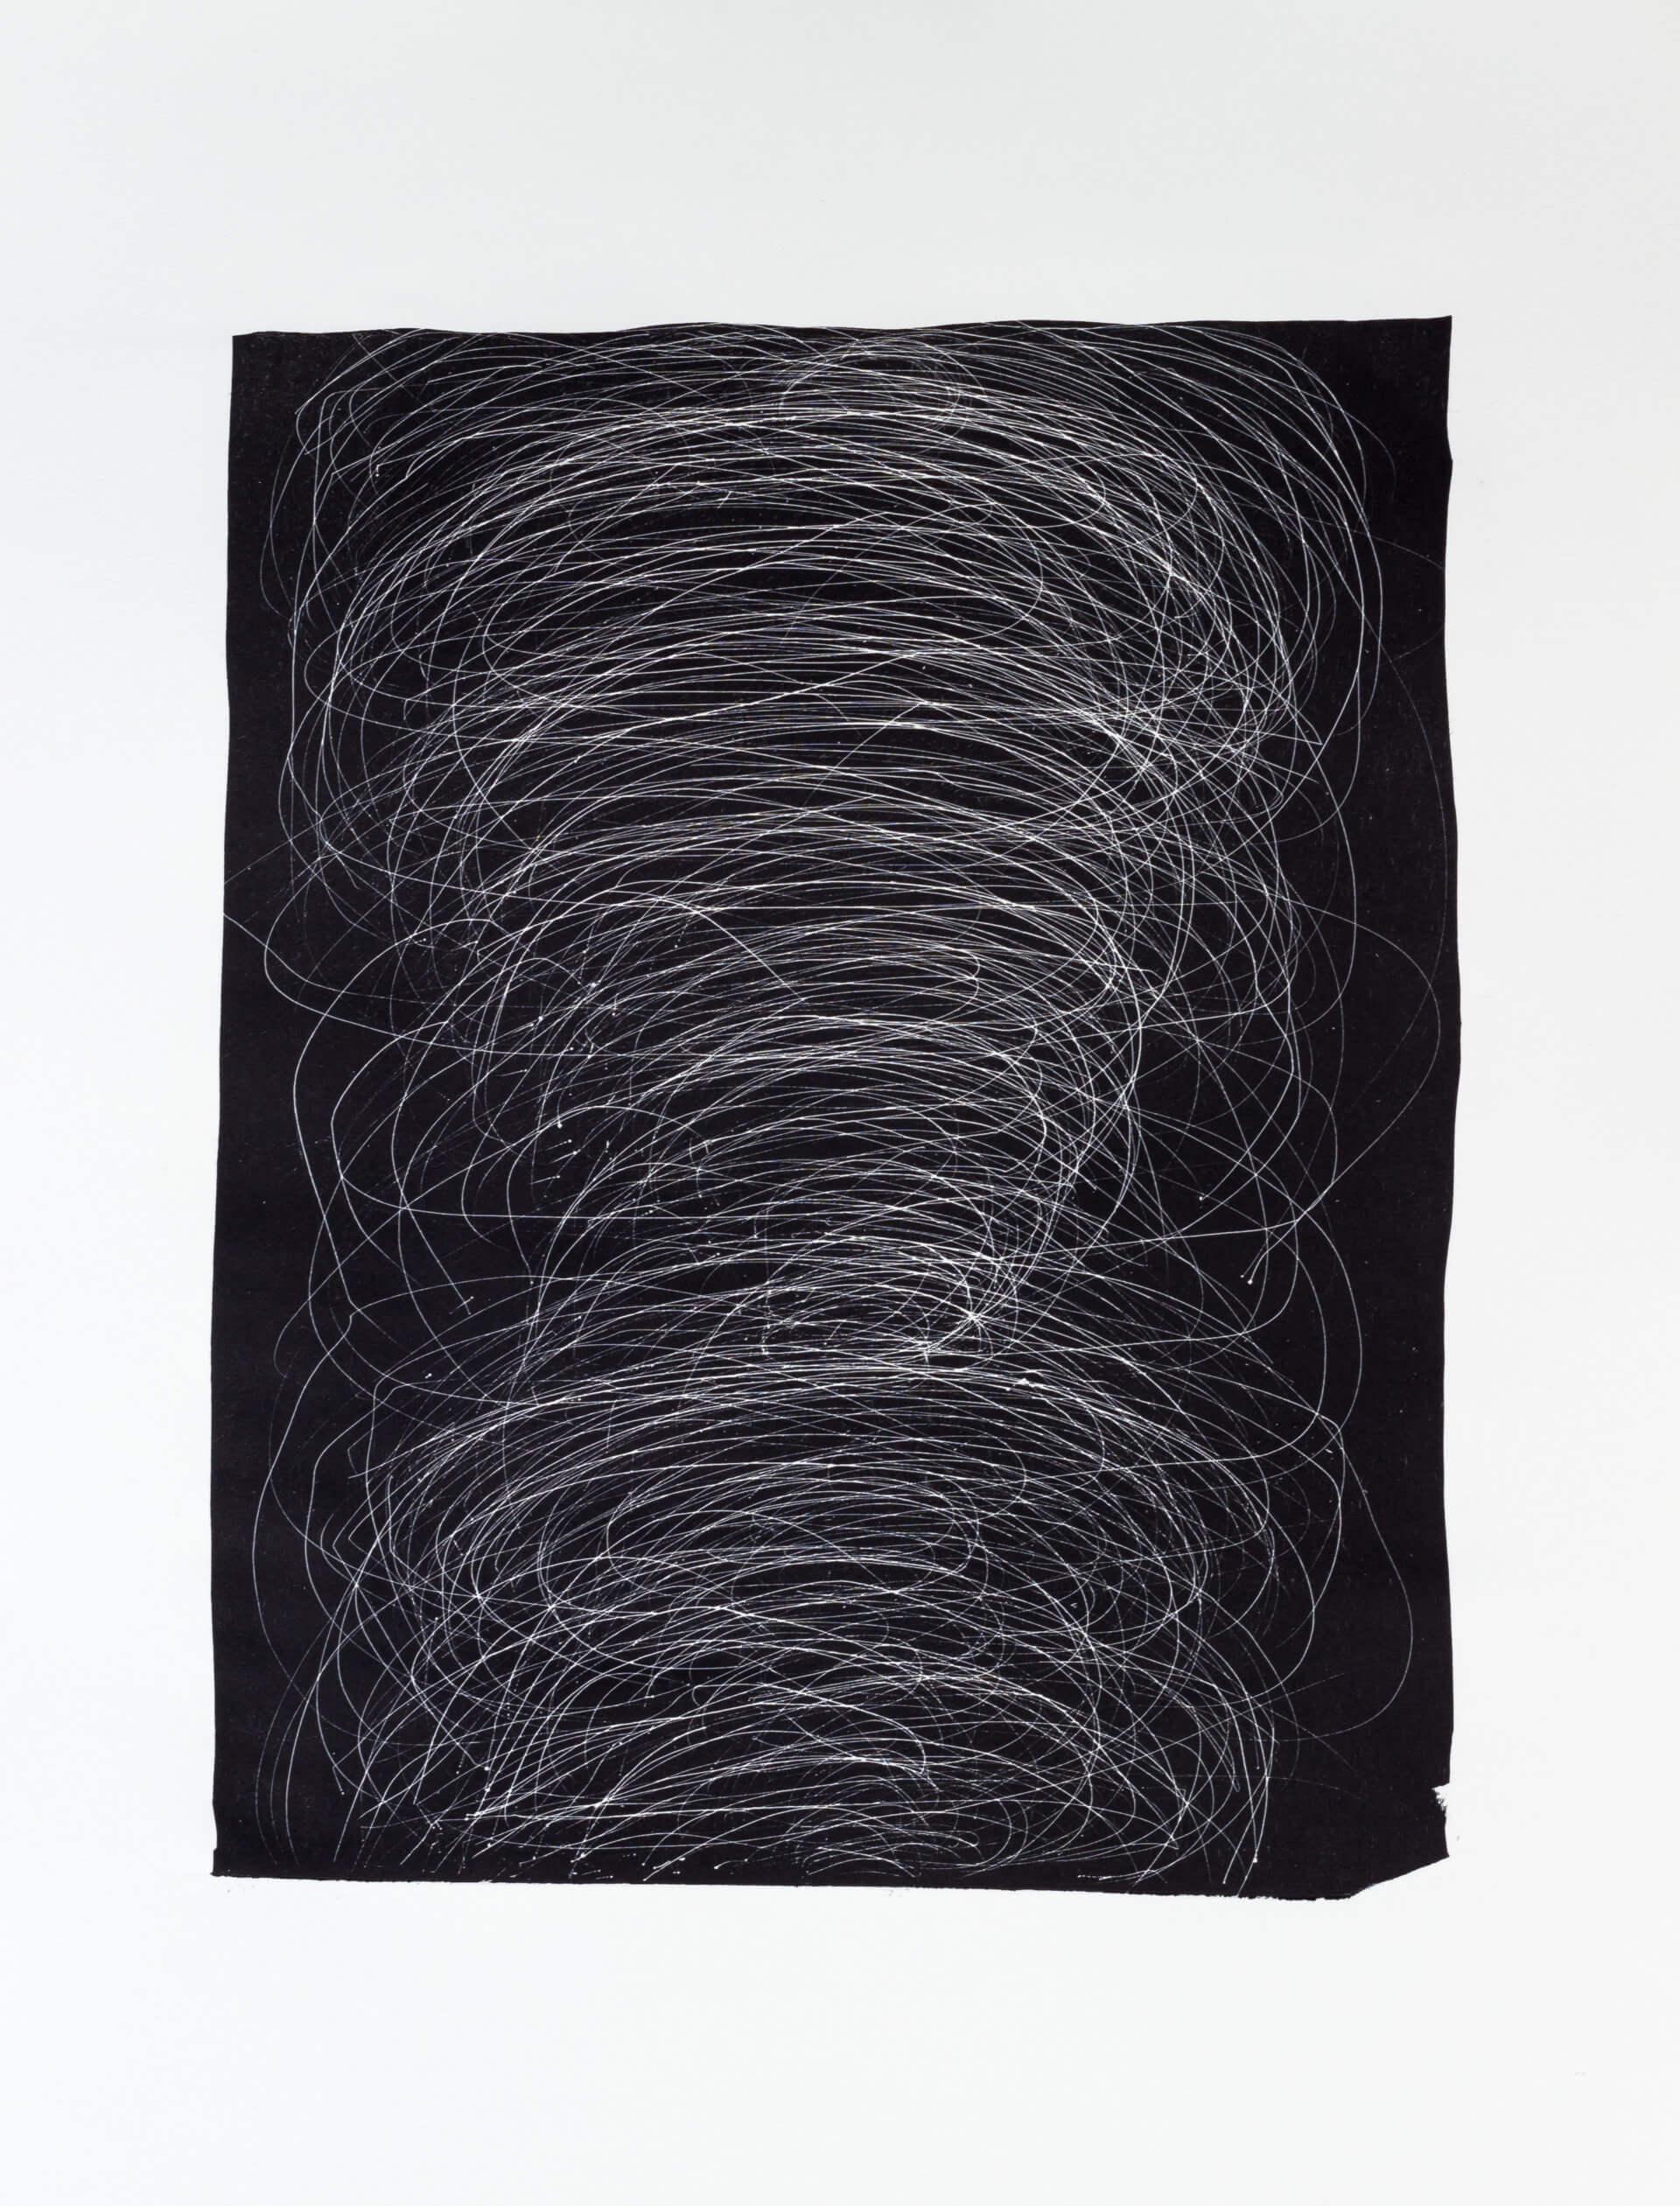 Katharina Albers, Transformation V, 2011, Schablithographie, 4 Auflagen, 43x29,5cm